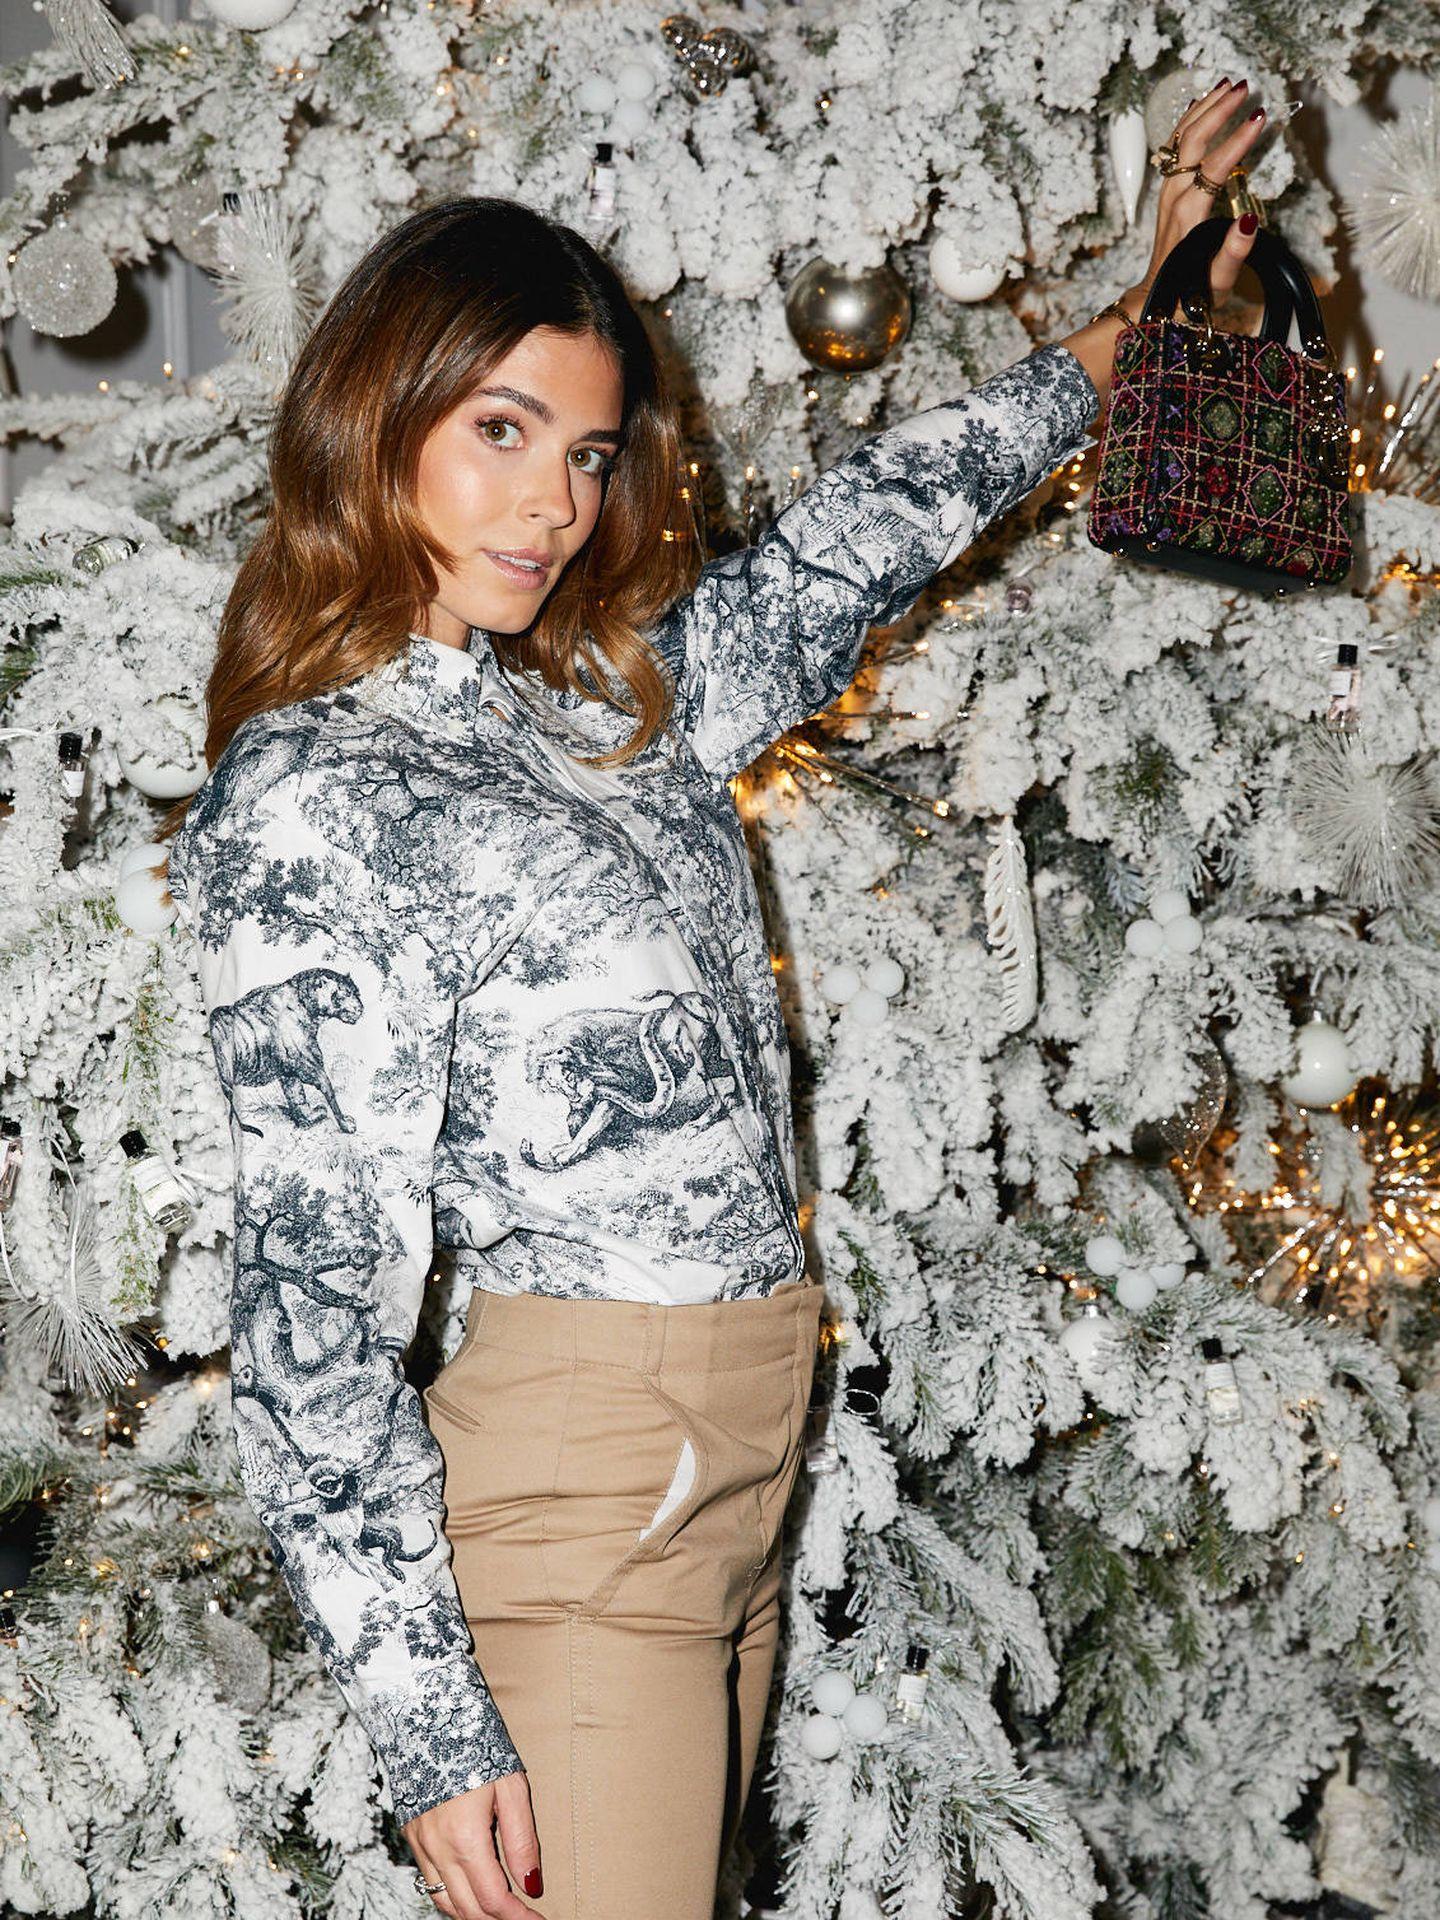 La modelo con camisa estampada, pantalón y bolso de Dior.